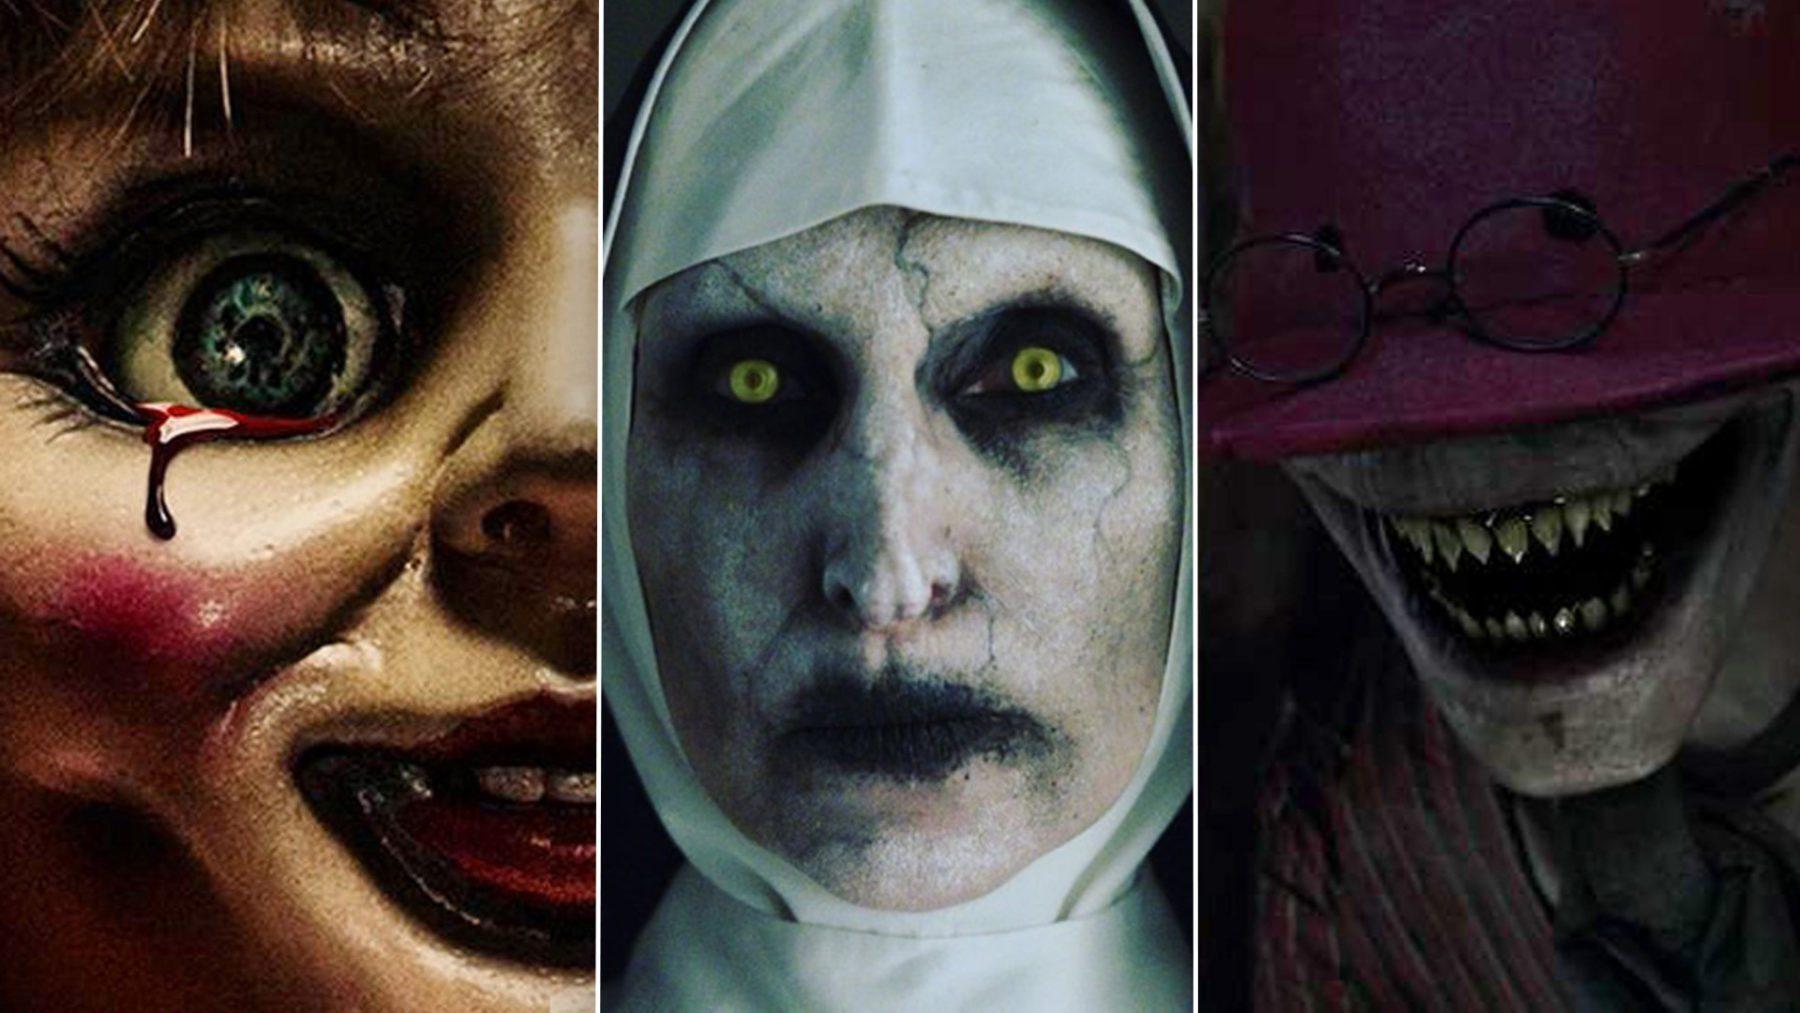 Actualizaciones sobre The Conjuring 3, Annabelle 3 y The Crooked Man